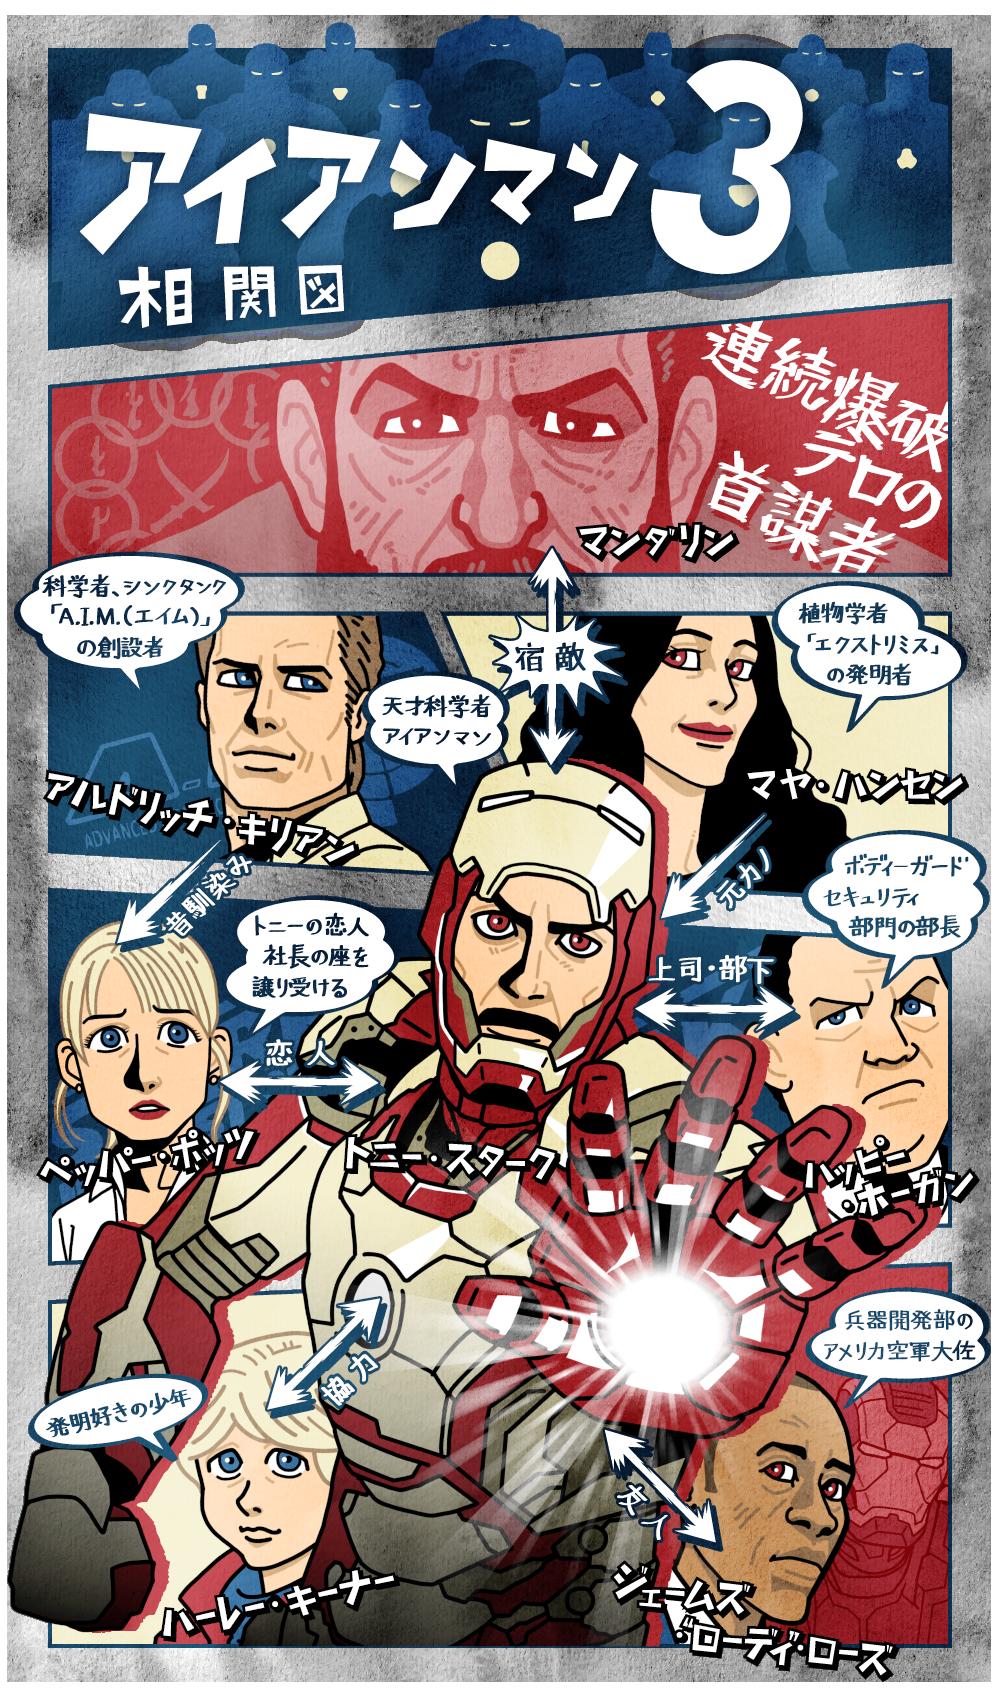 アイアンマン3の人物相関図